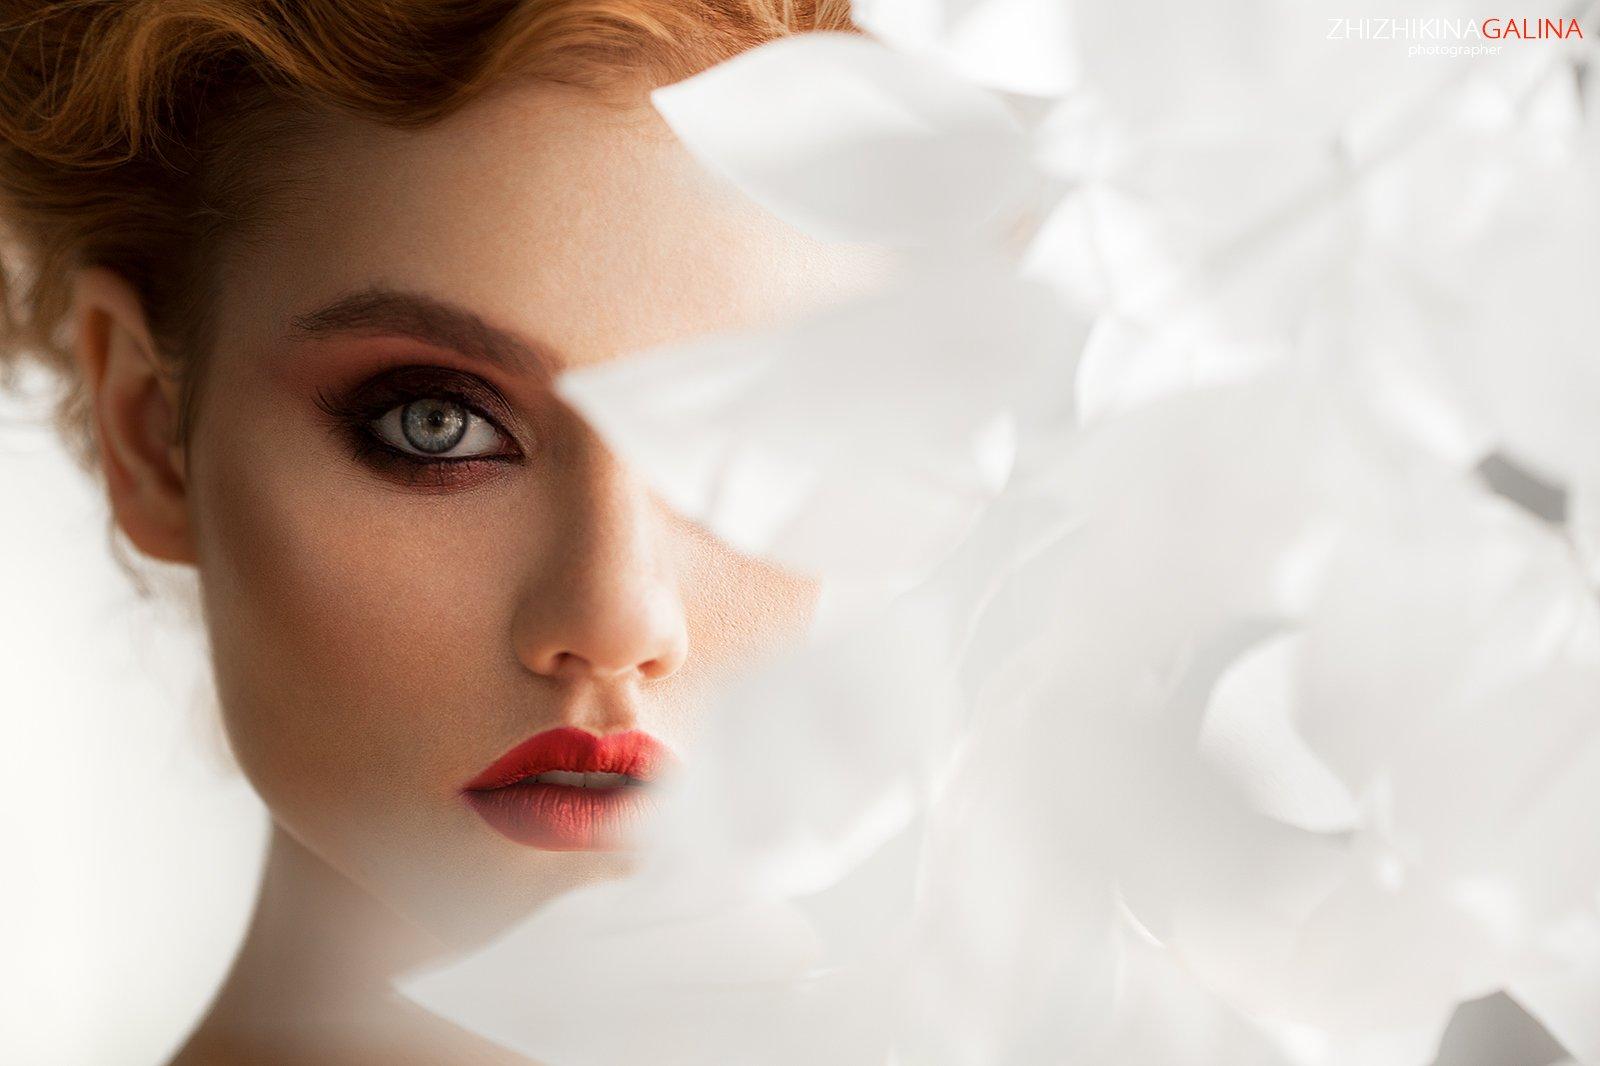 девушка, лицо, портрет, визаж, красивая, глаза, цвет, красная, помада, жижикина, взгляд, , Галина Жижикина